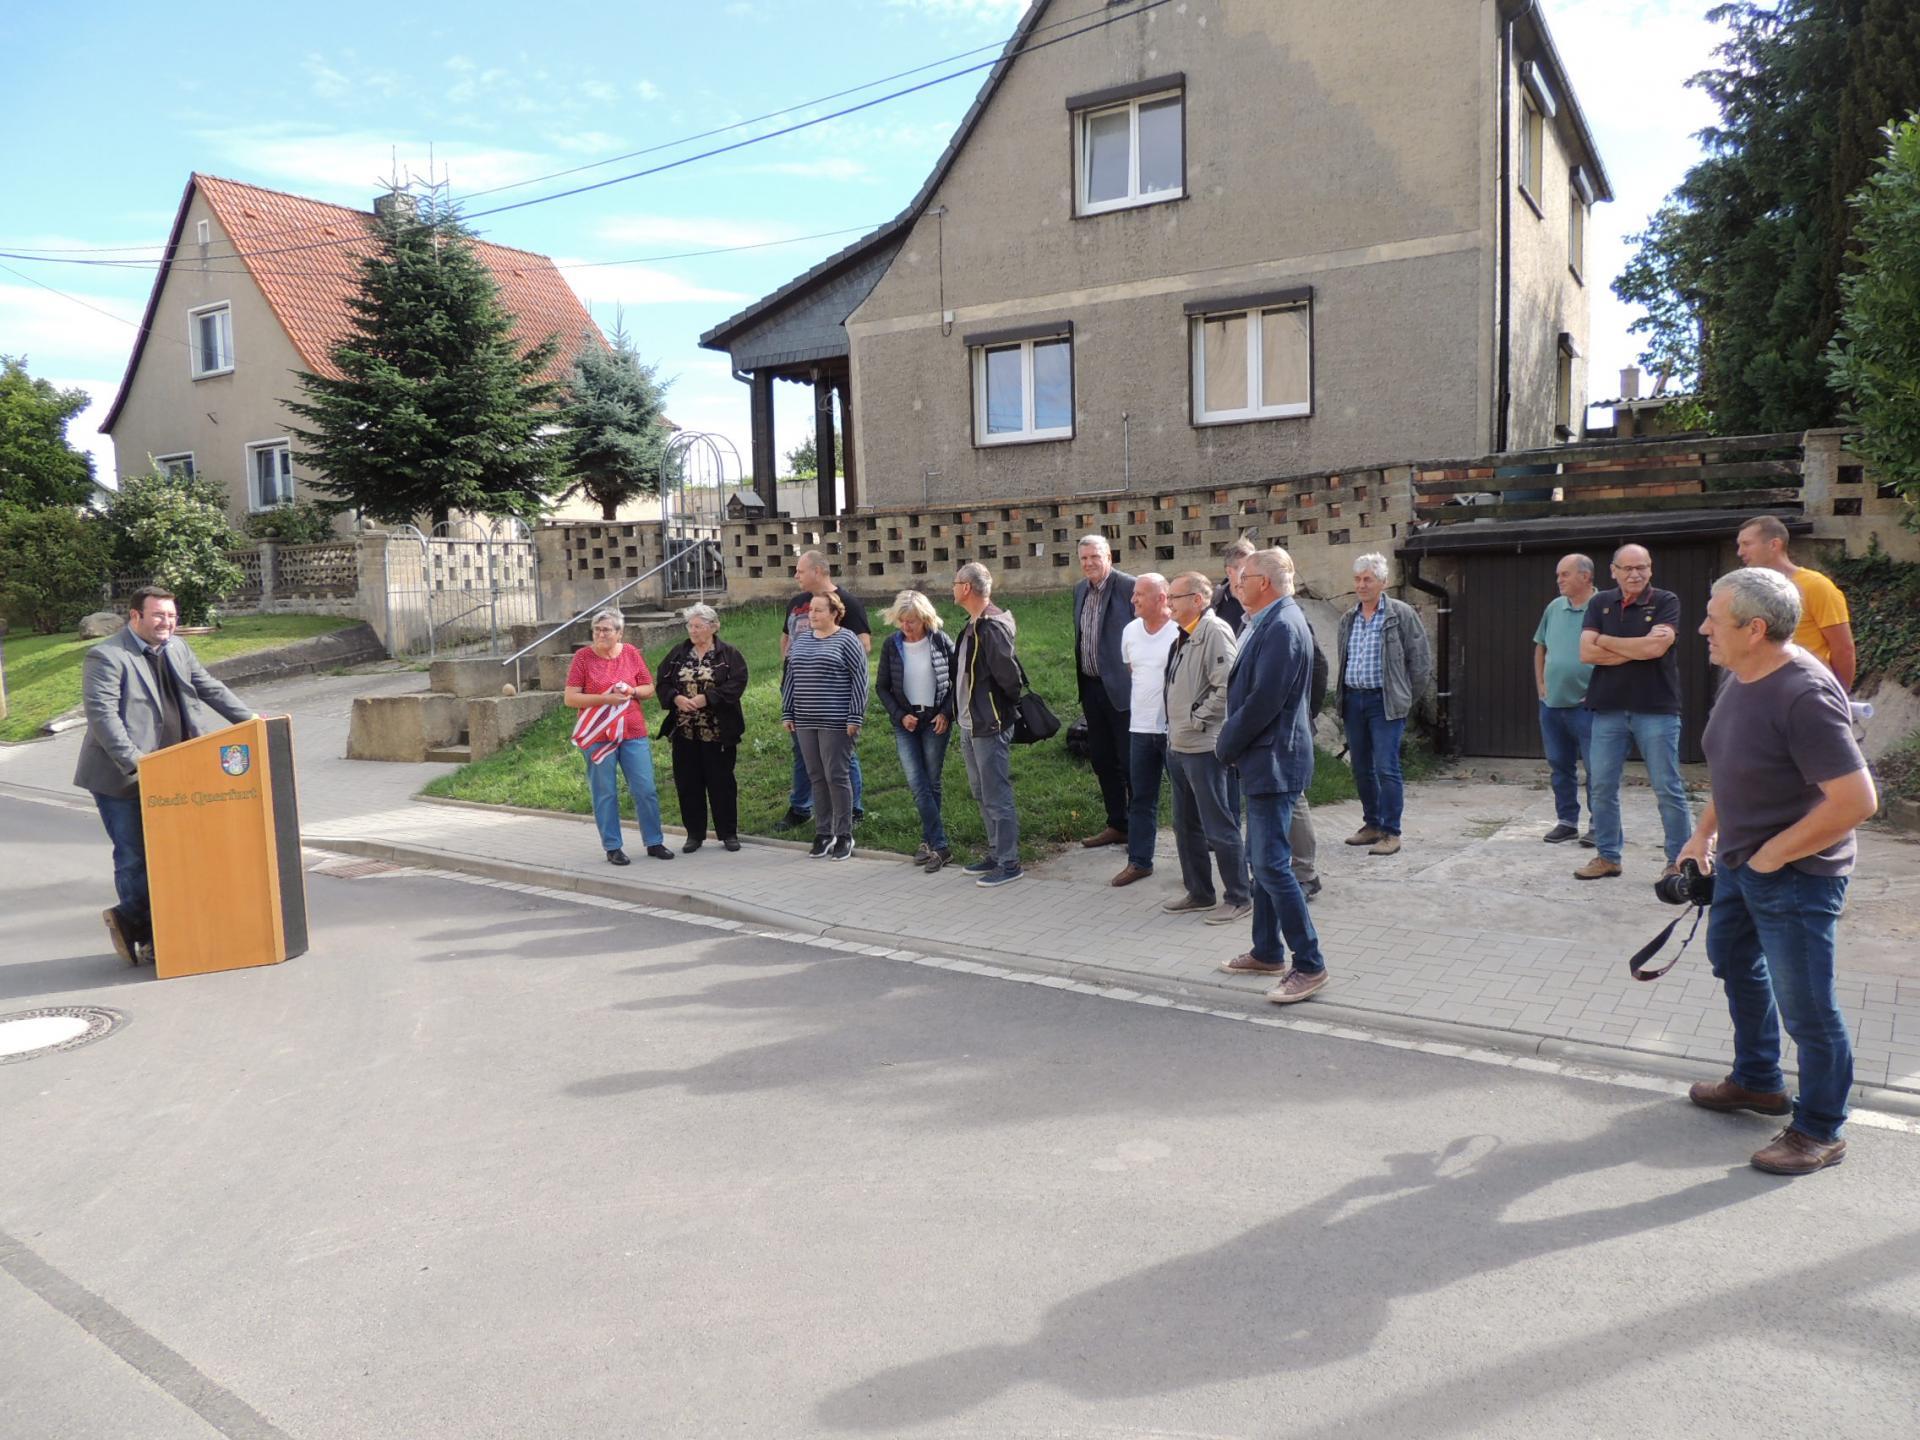 Bürgermeister Andreas Nette betonte, dass durch die laufende abwasserseitig Erschließung so wie in keinem anderen Ortsteil der Stadt in Gatterstädt investiert wird.